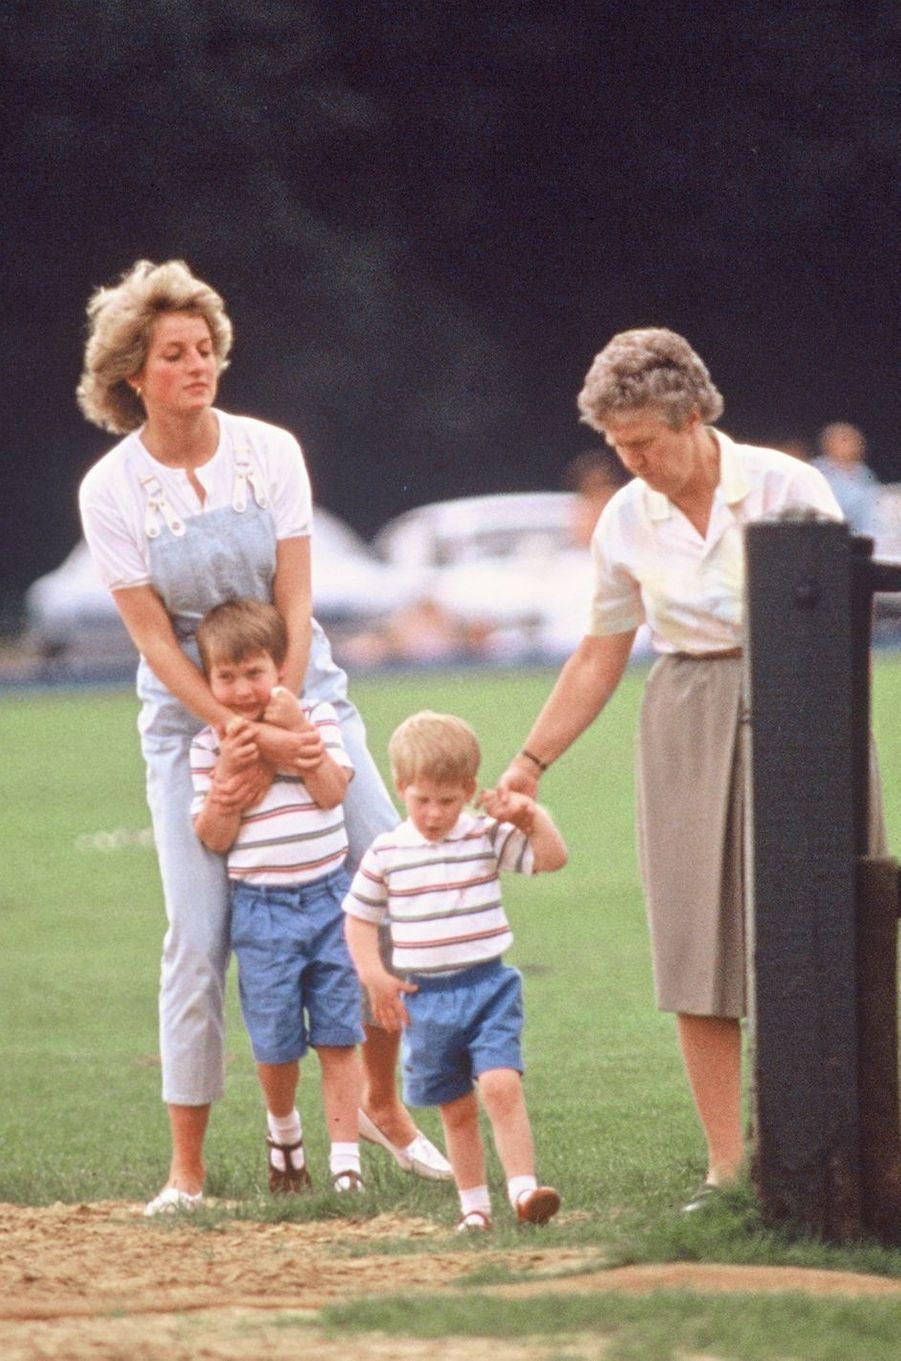 Lady Diana avec ses fils les princes William et Harry le 2 juillet 1987